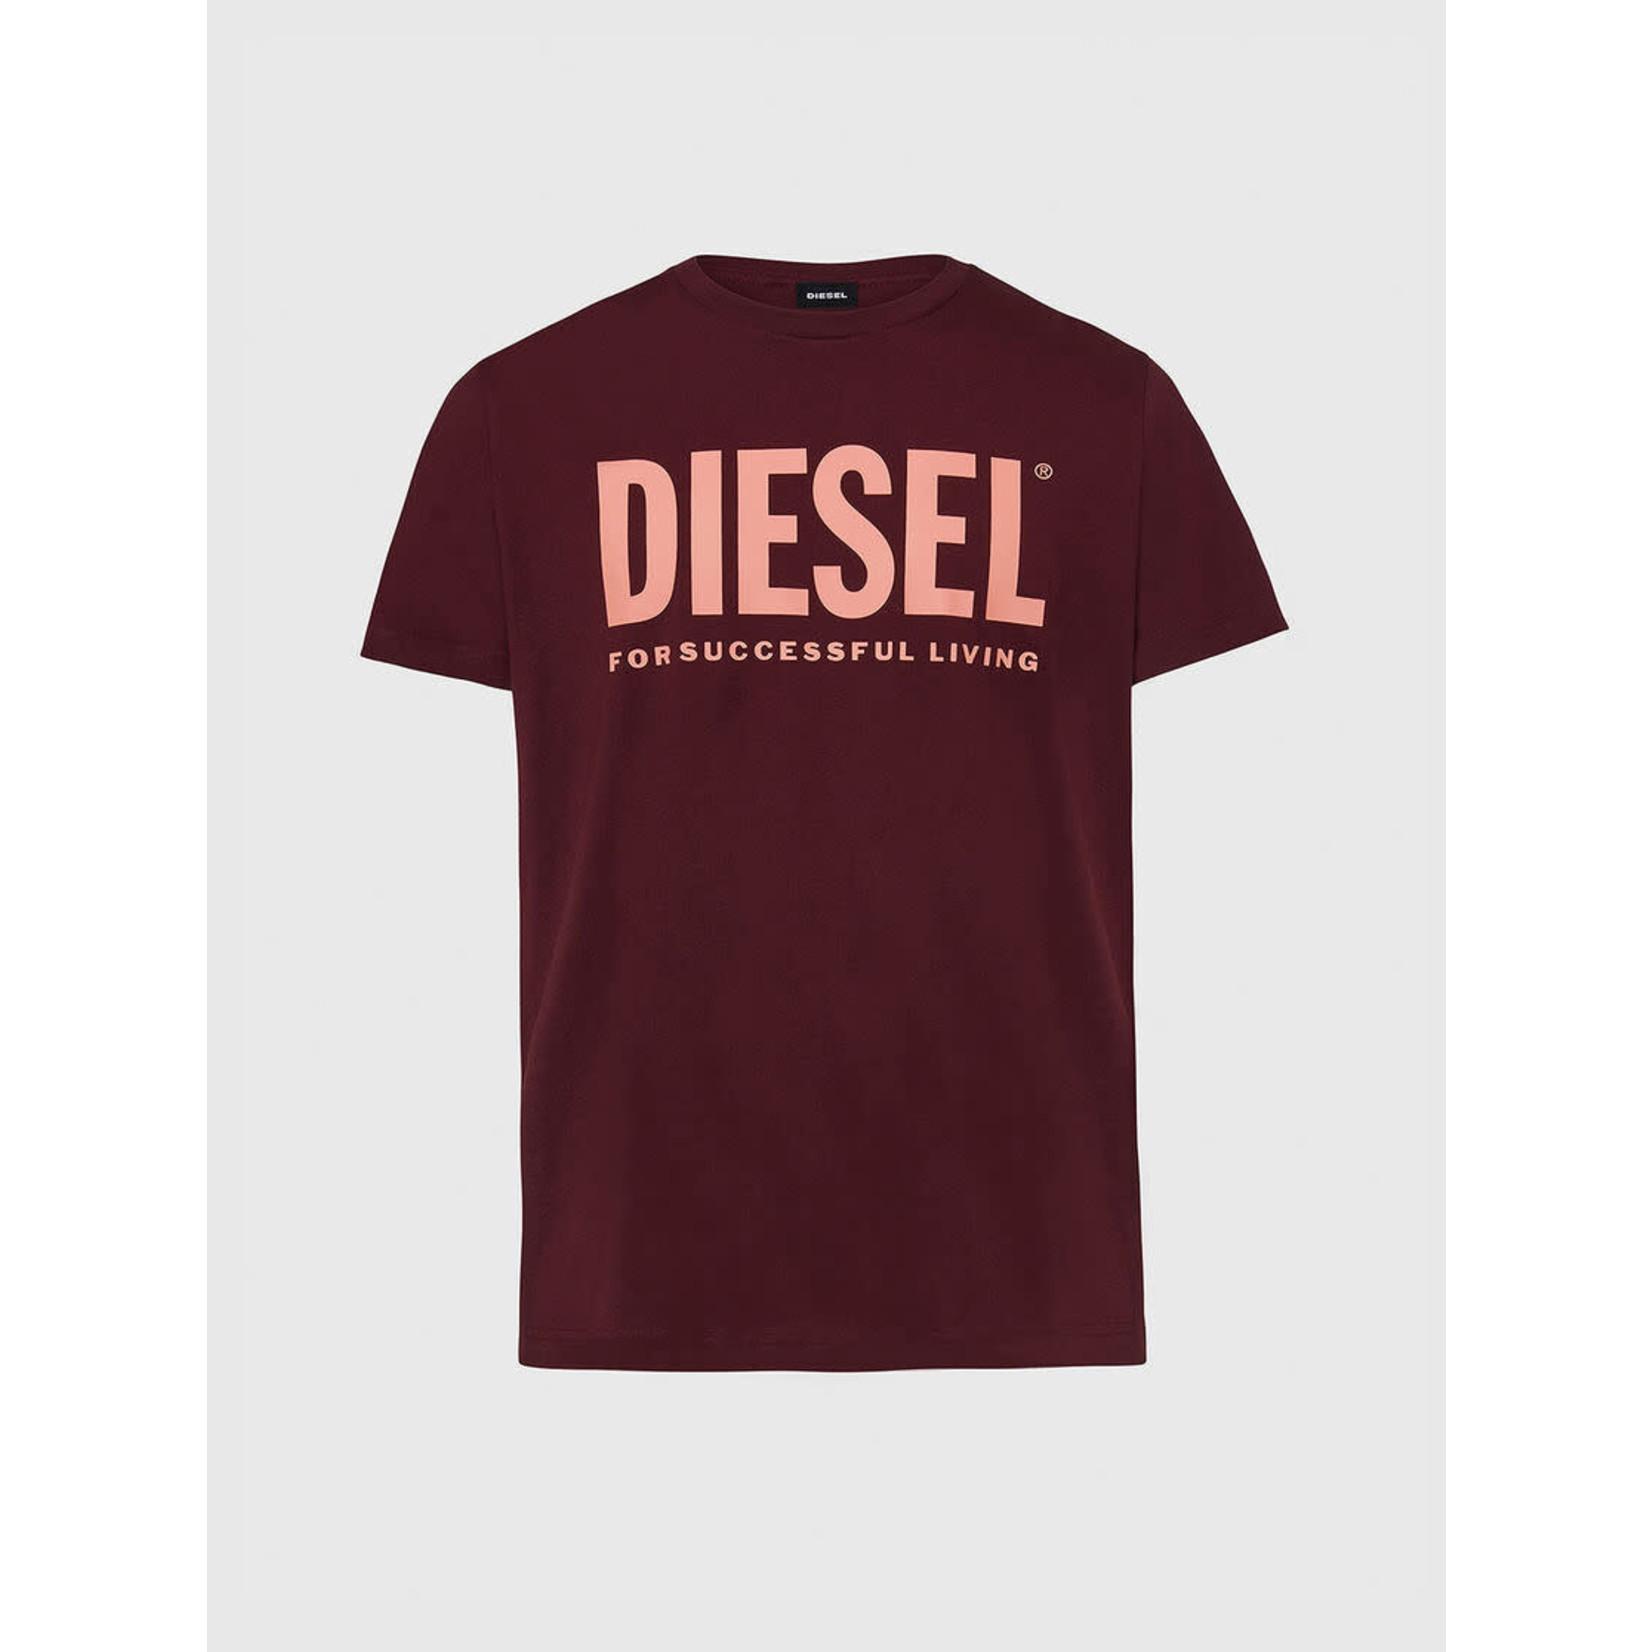 DIESEL DIESEL T-SHIRT DIEGO LOGO - PLUM